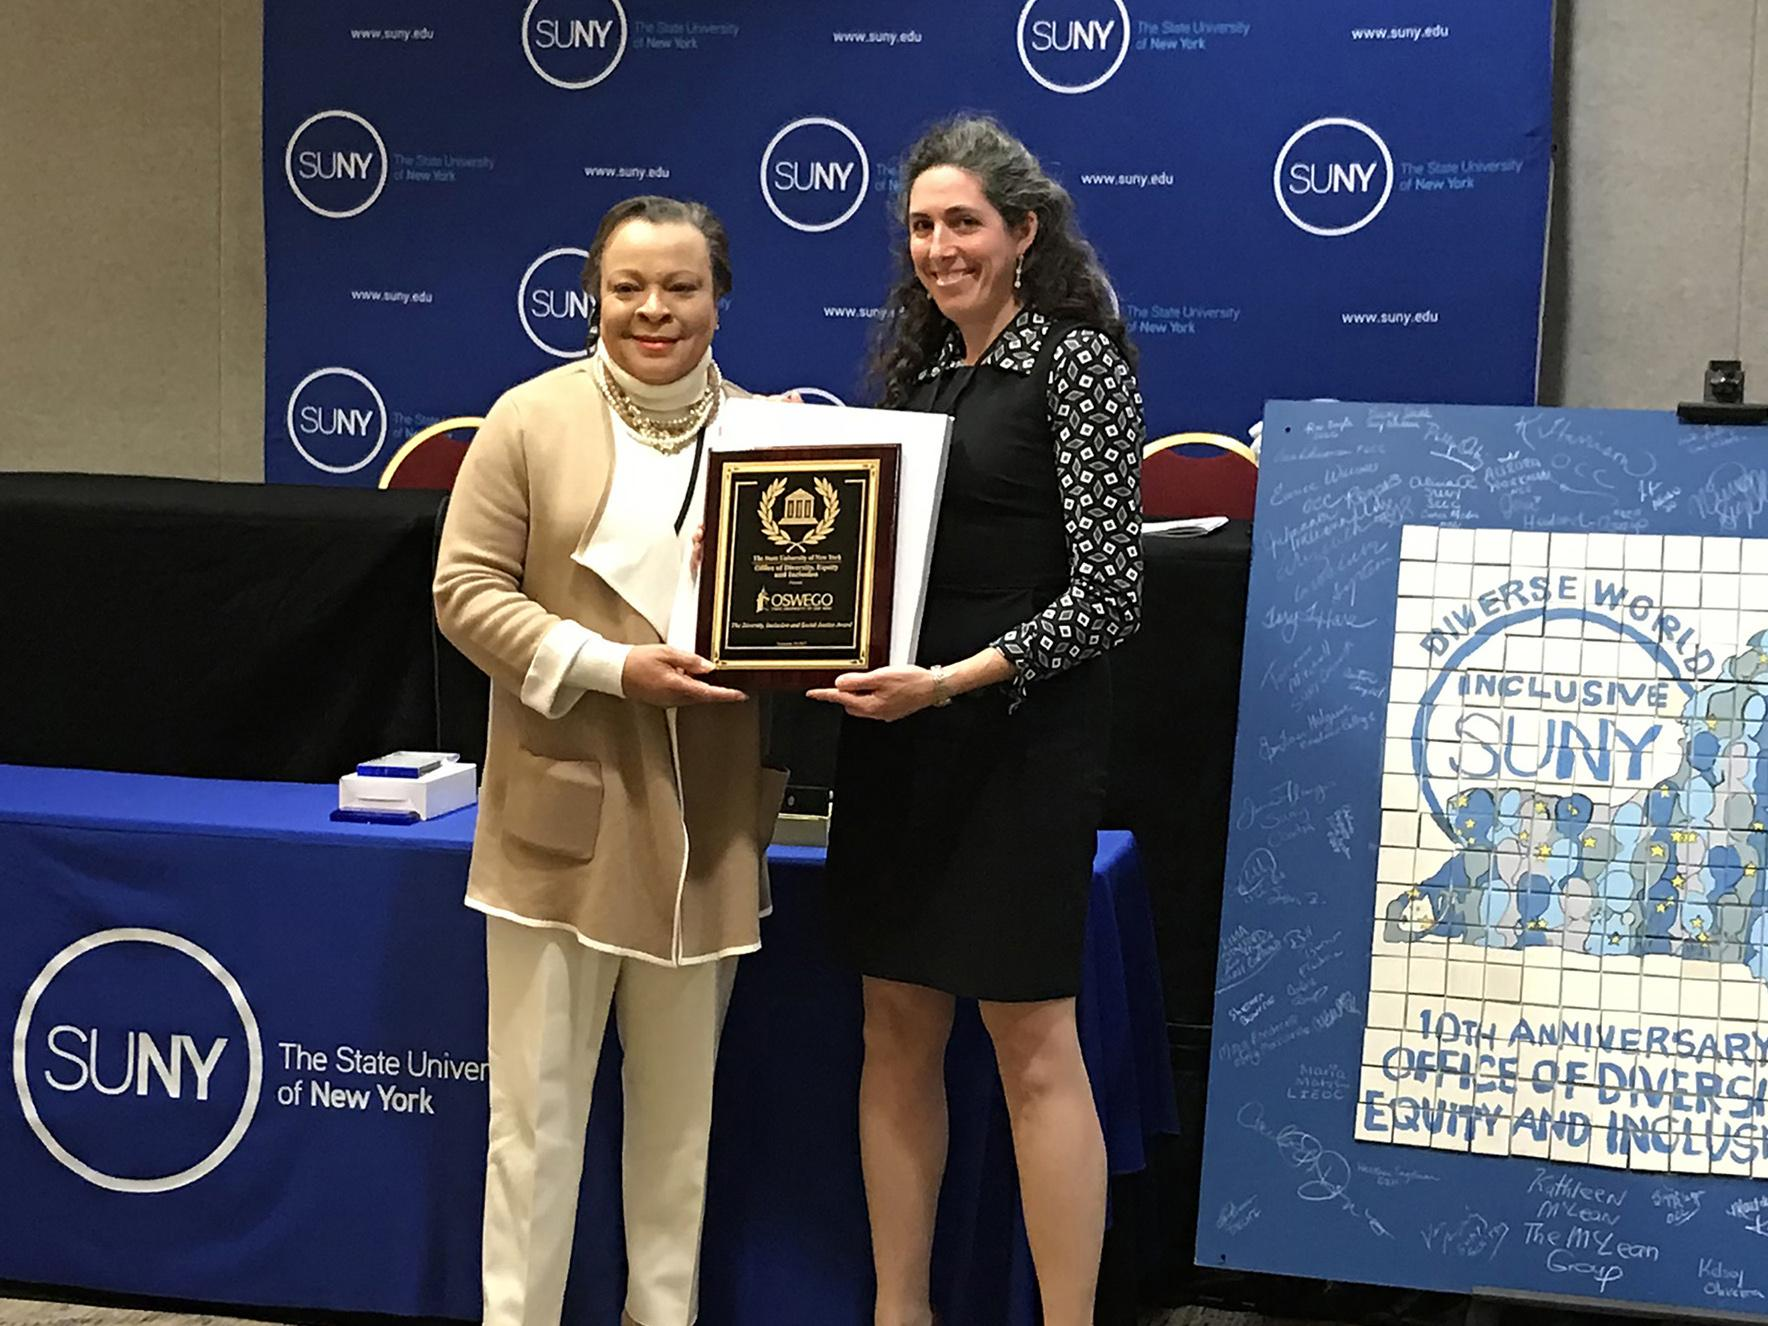 Jerald Woolfolk, Gwen Kay hold SUNY diversity award